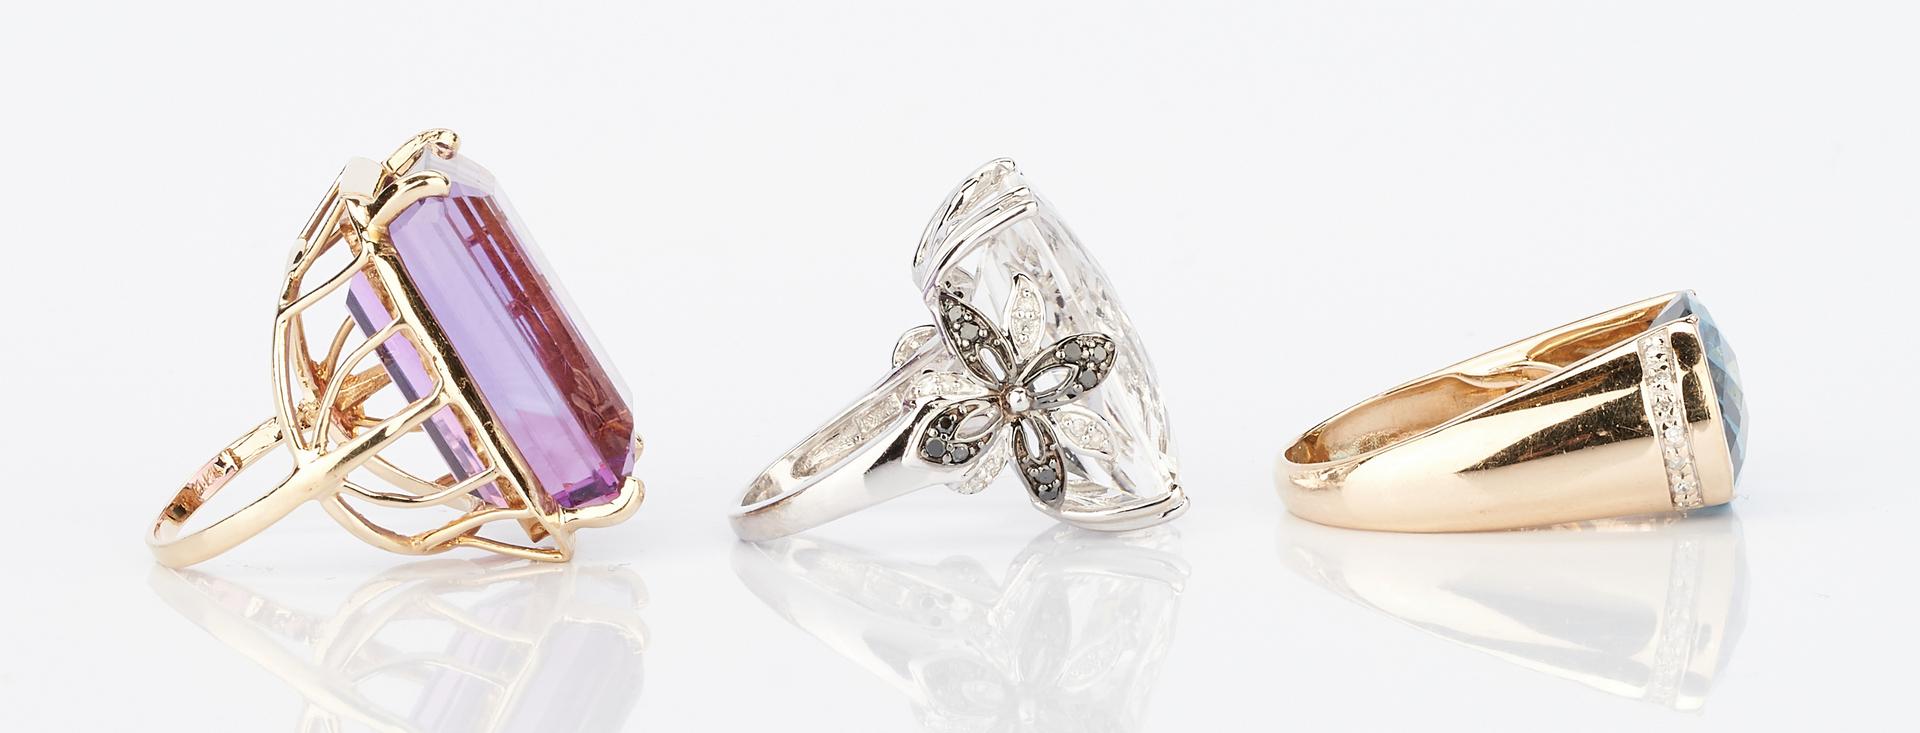 Lot 1020: 3 14K Ladies Colored Gemstone Rings